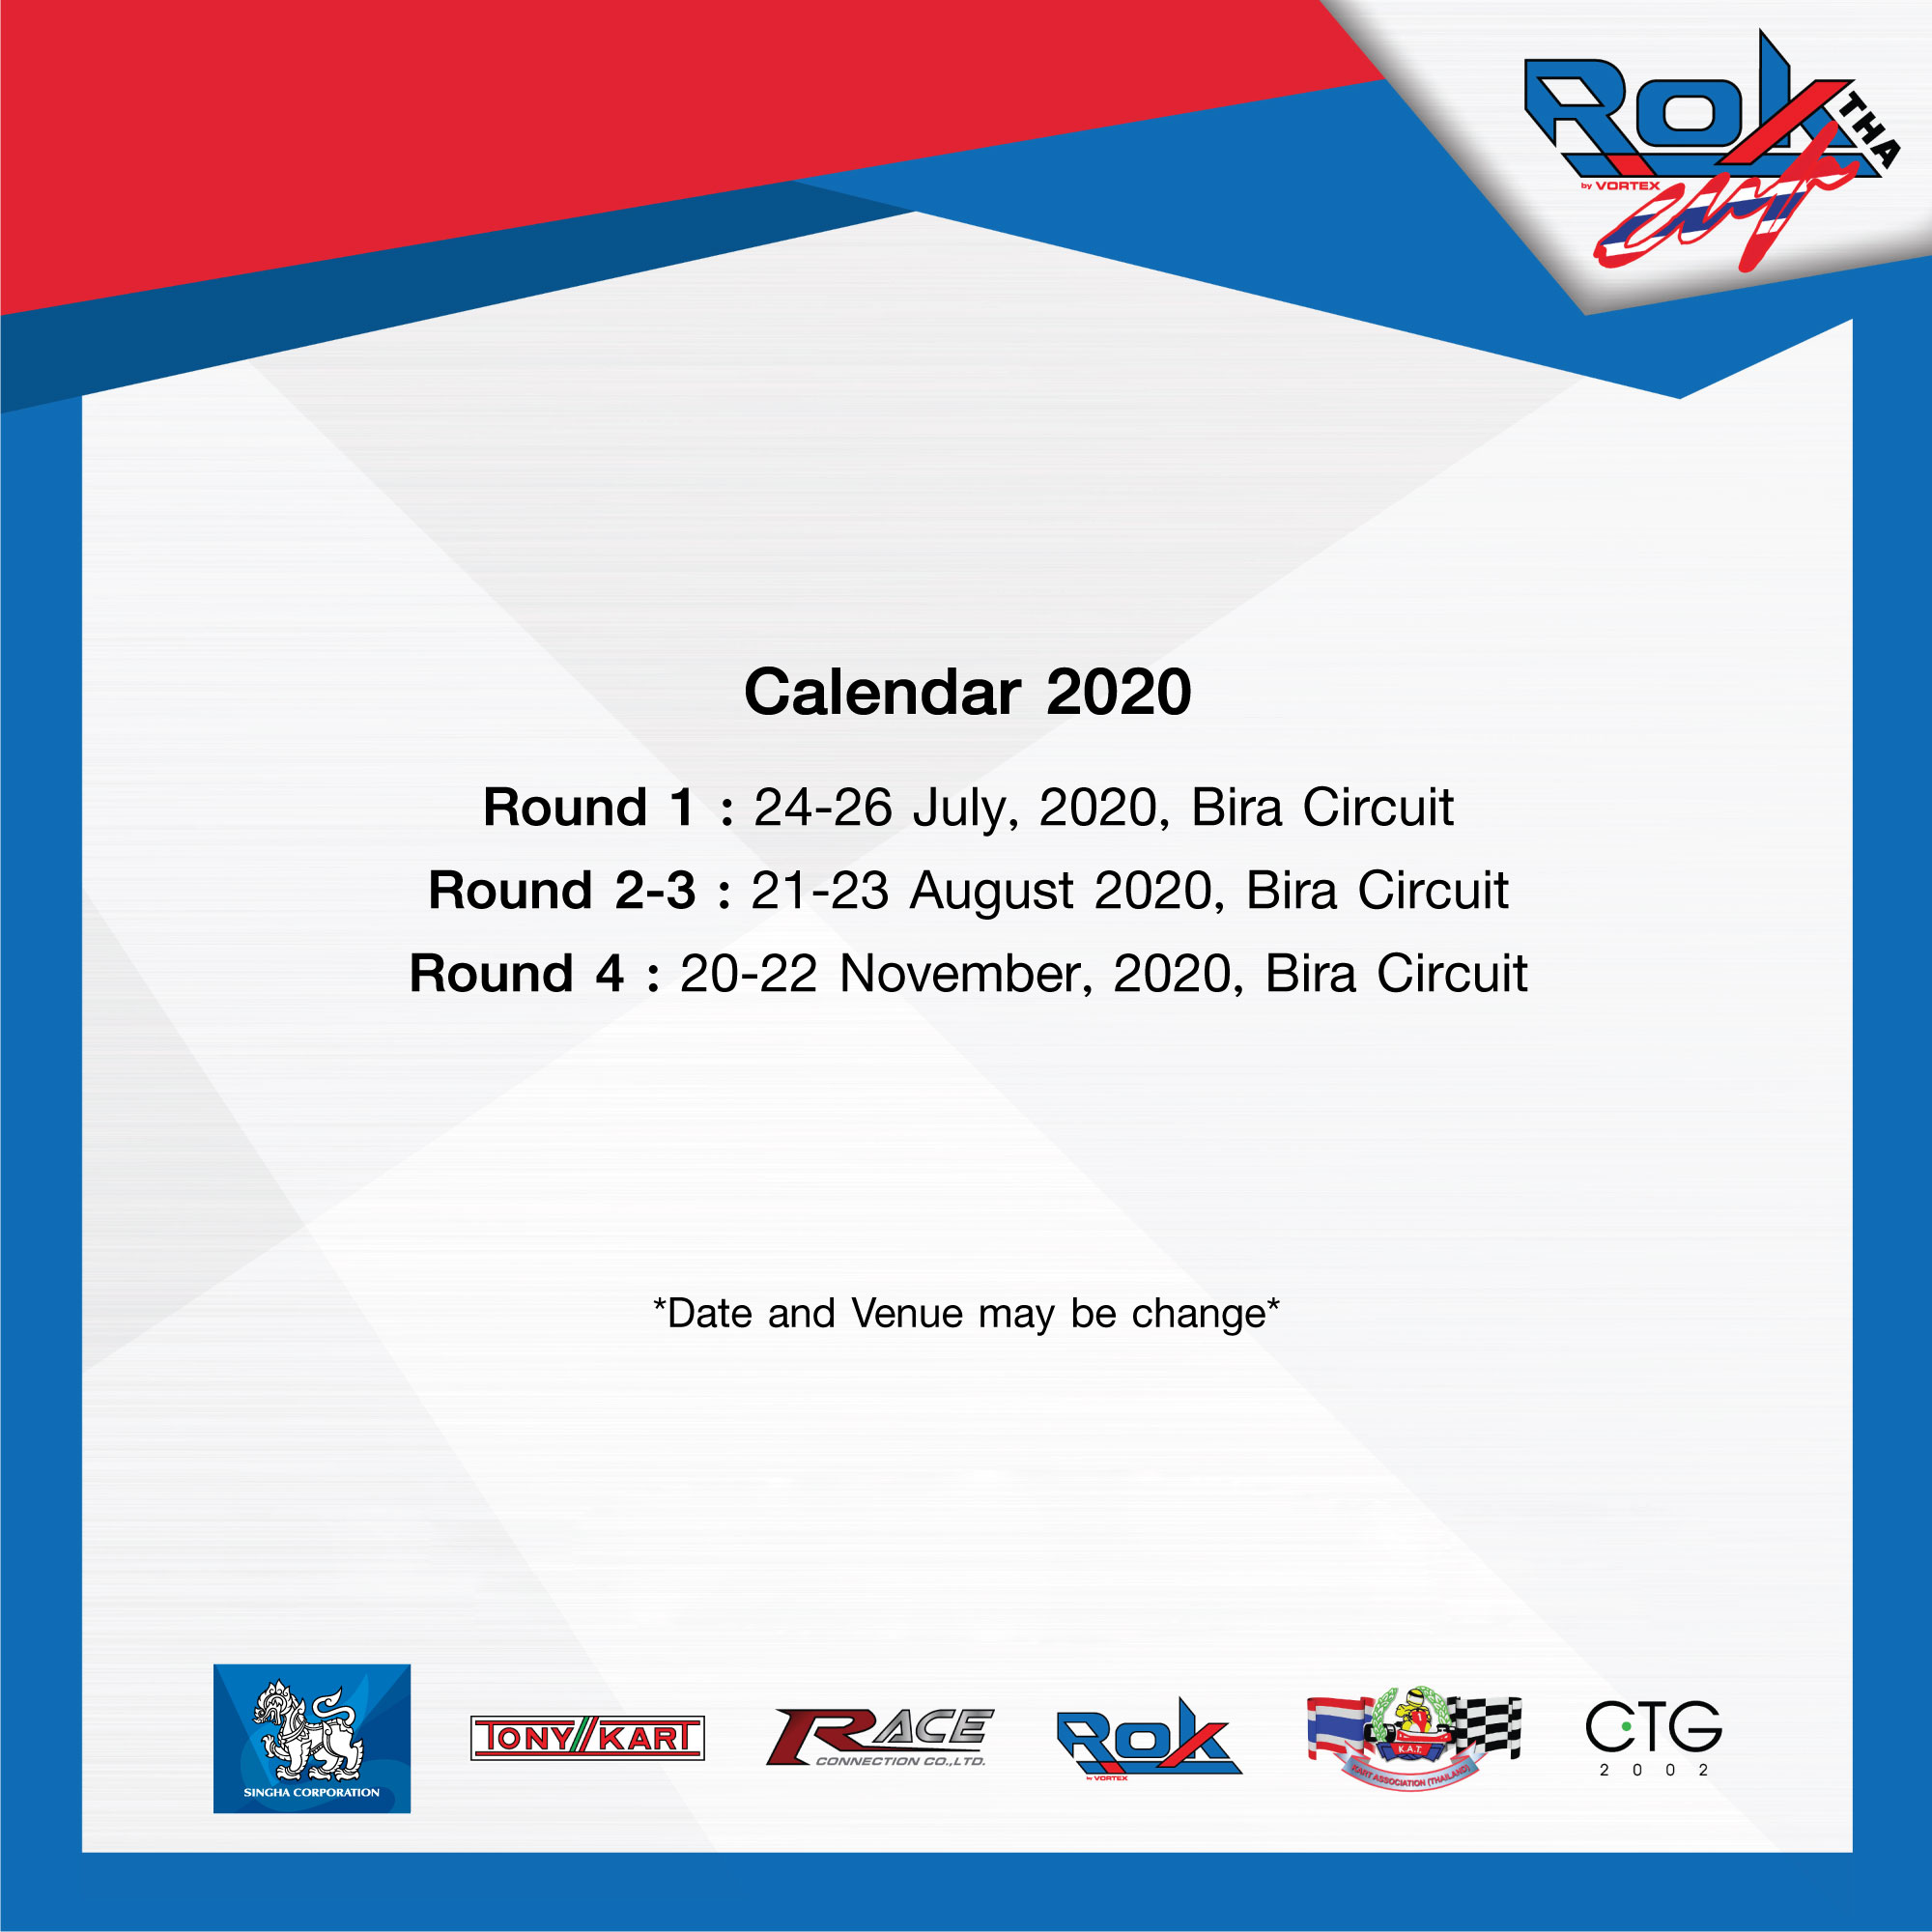 กำหนดวันแล้ว! สำหรับชาว Rok Cup Thailand 2020